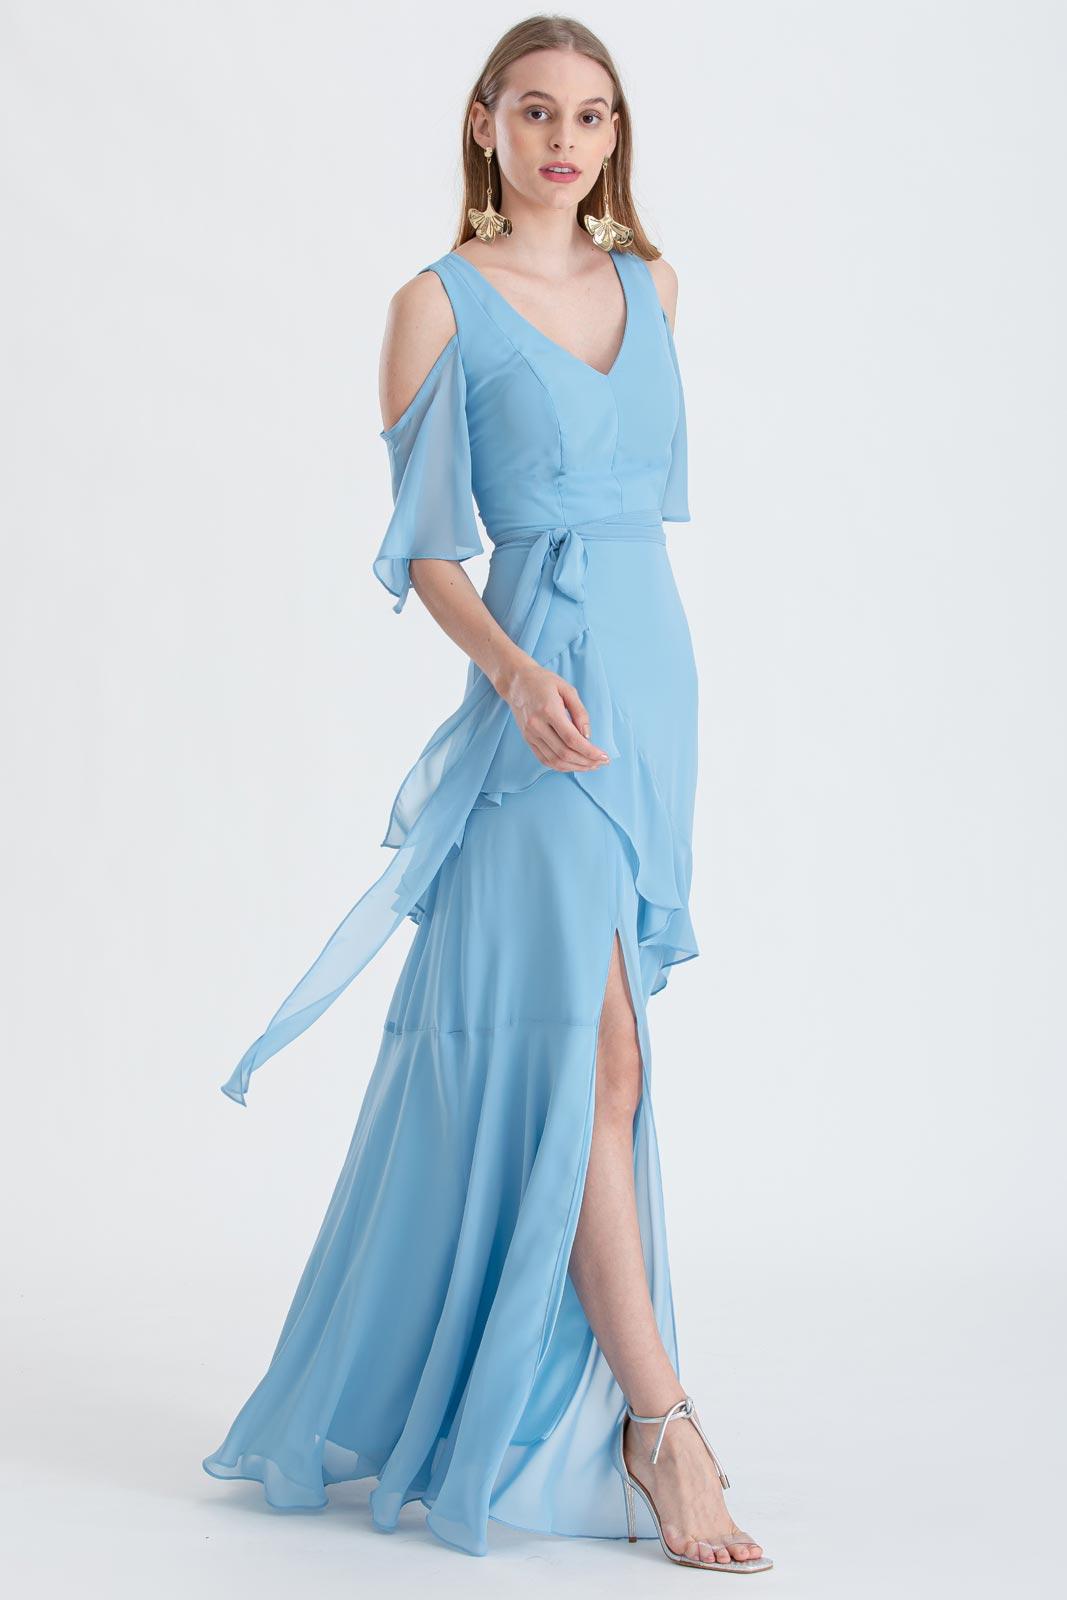 Vestido de festa longo Azul Serenity ref. 2531